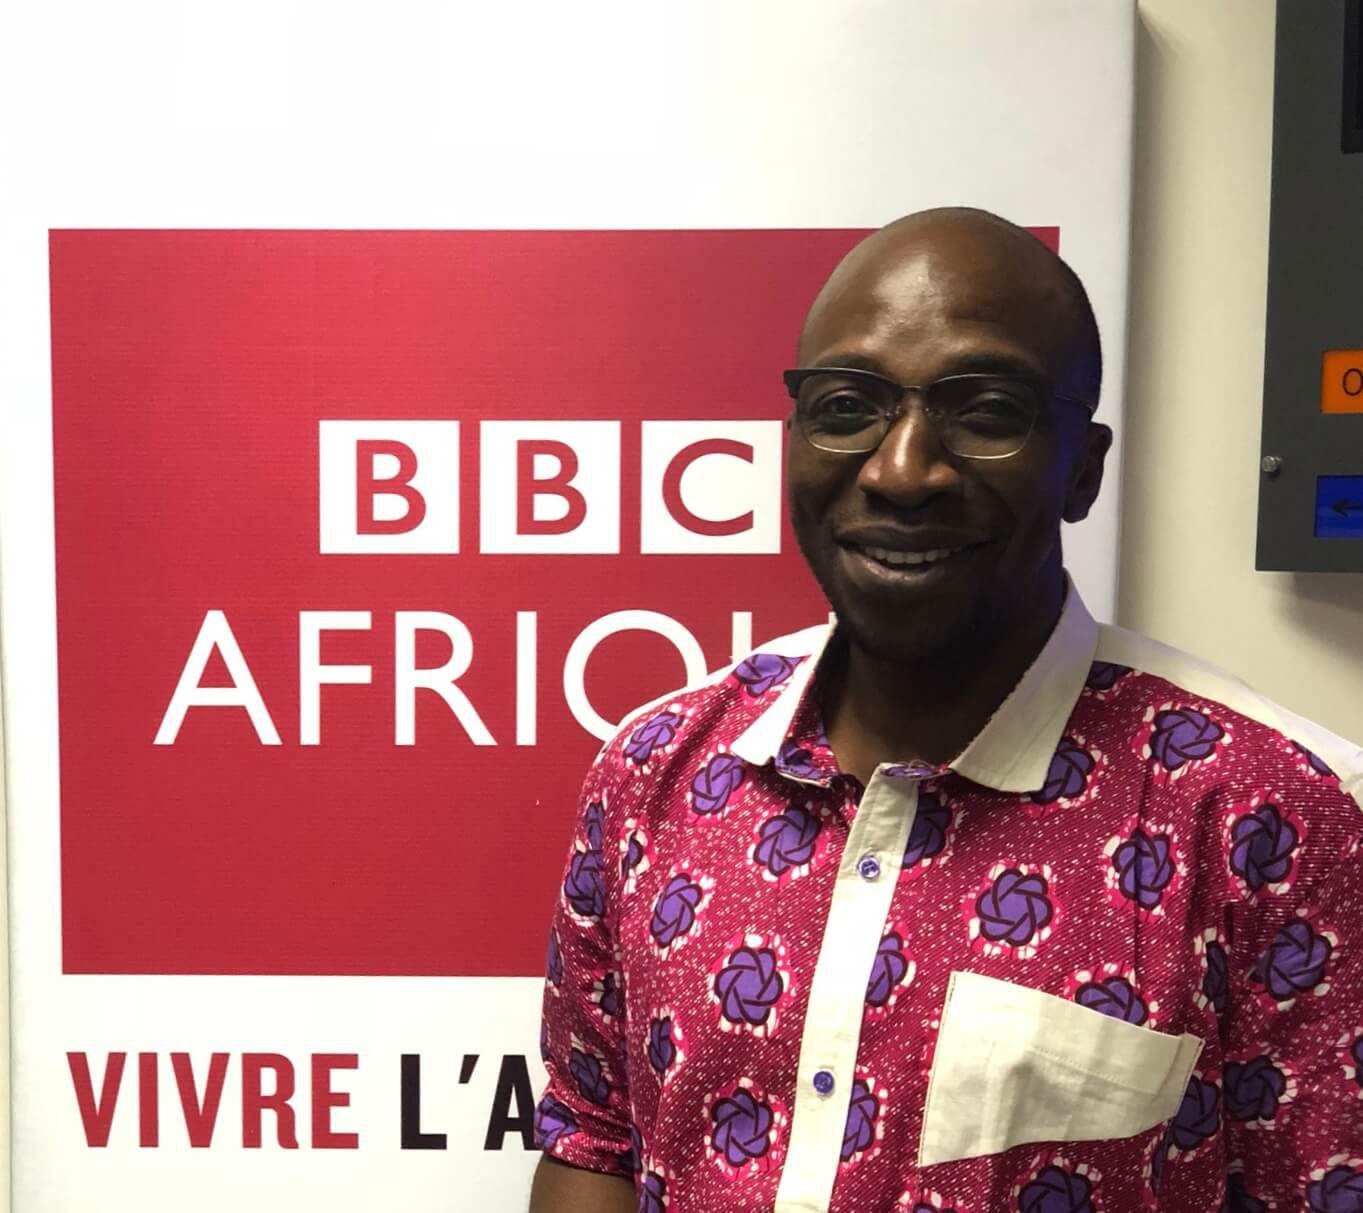 En RDC, menace de boycott de la radio BBC après le licenciement d'un journaliste congolais.